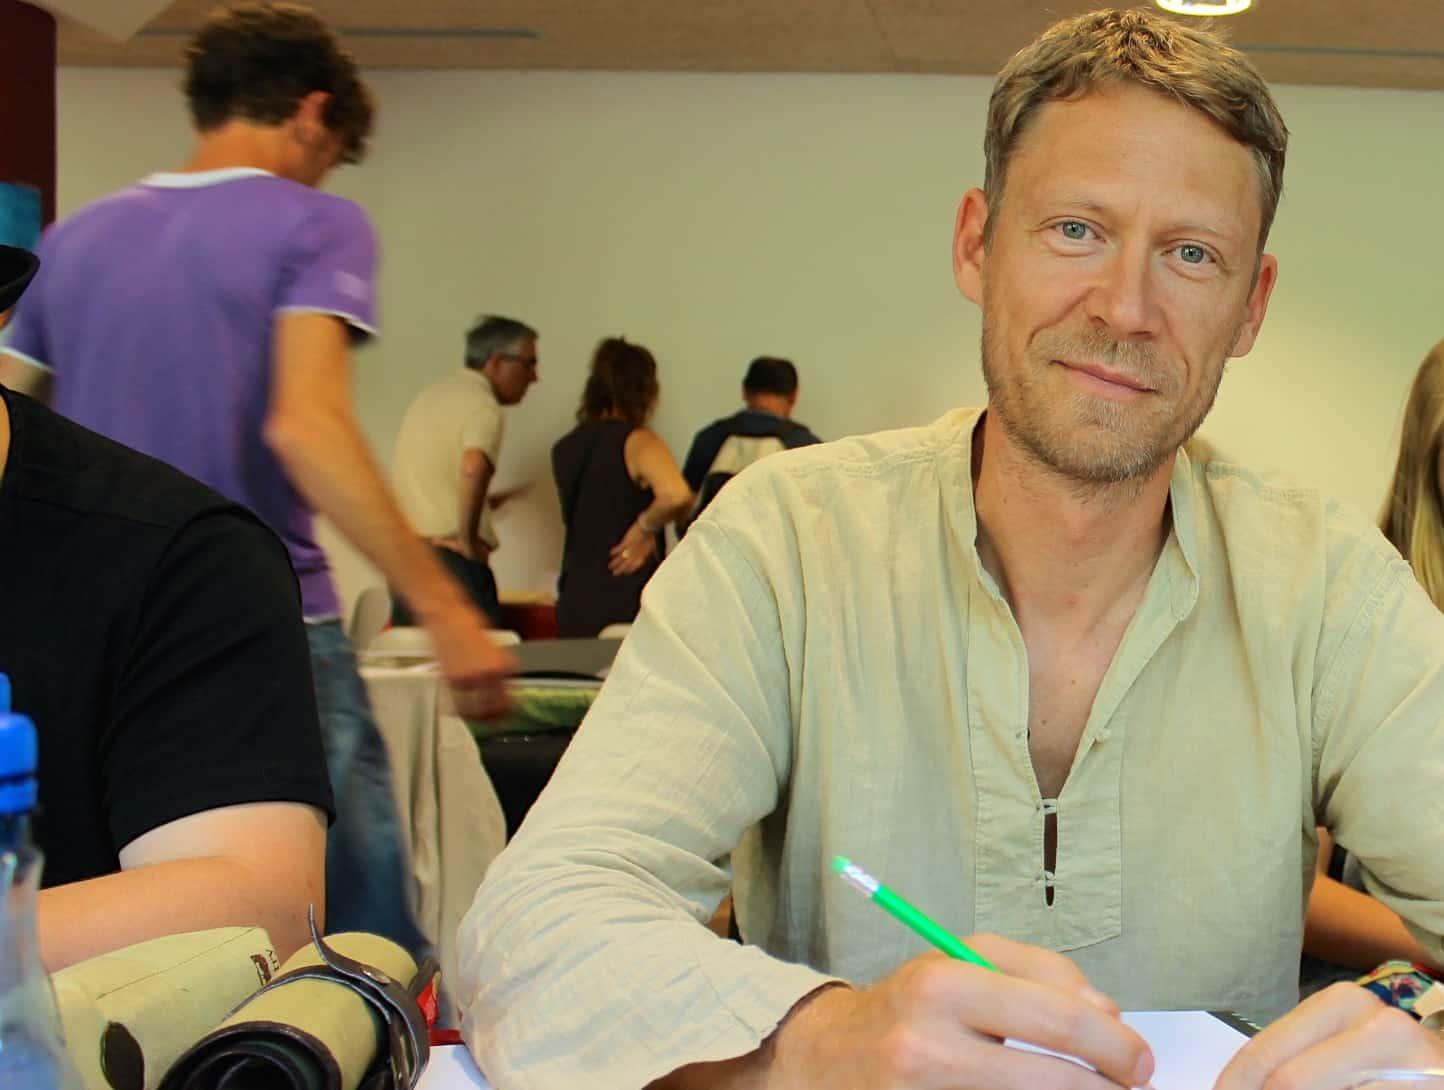 Rencontre avec Éric Hübsch, d'Excalibur à Ploneïs avant l'Asie du Sud-Est